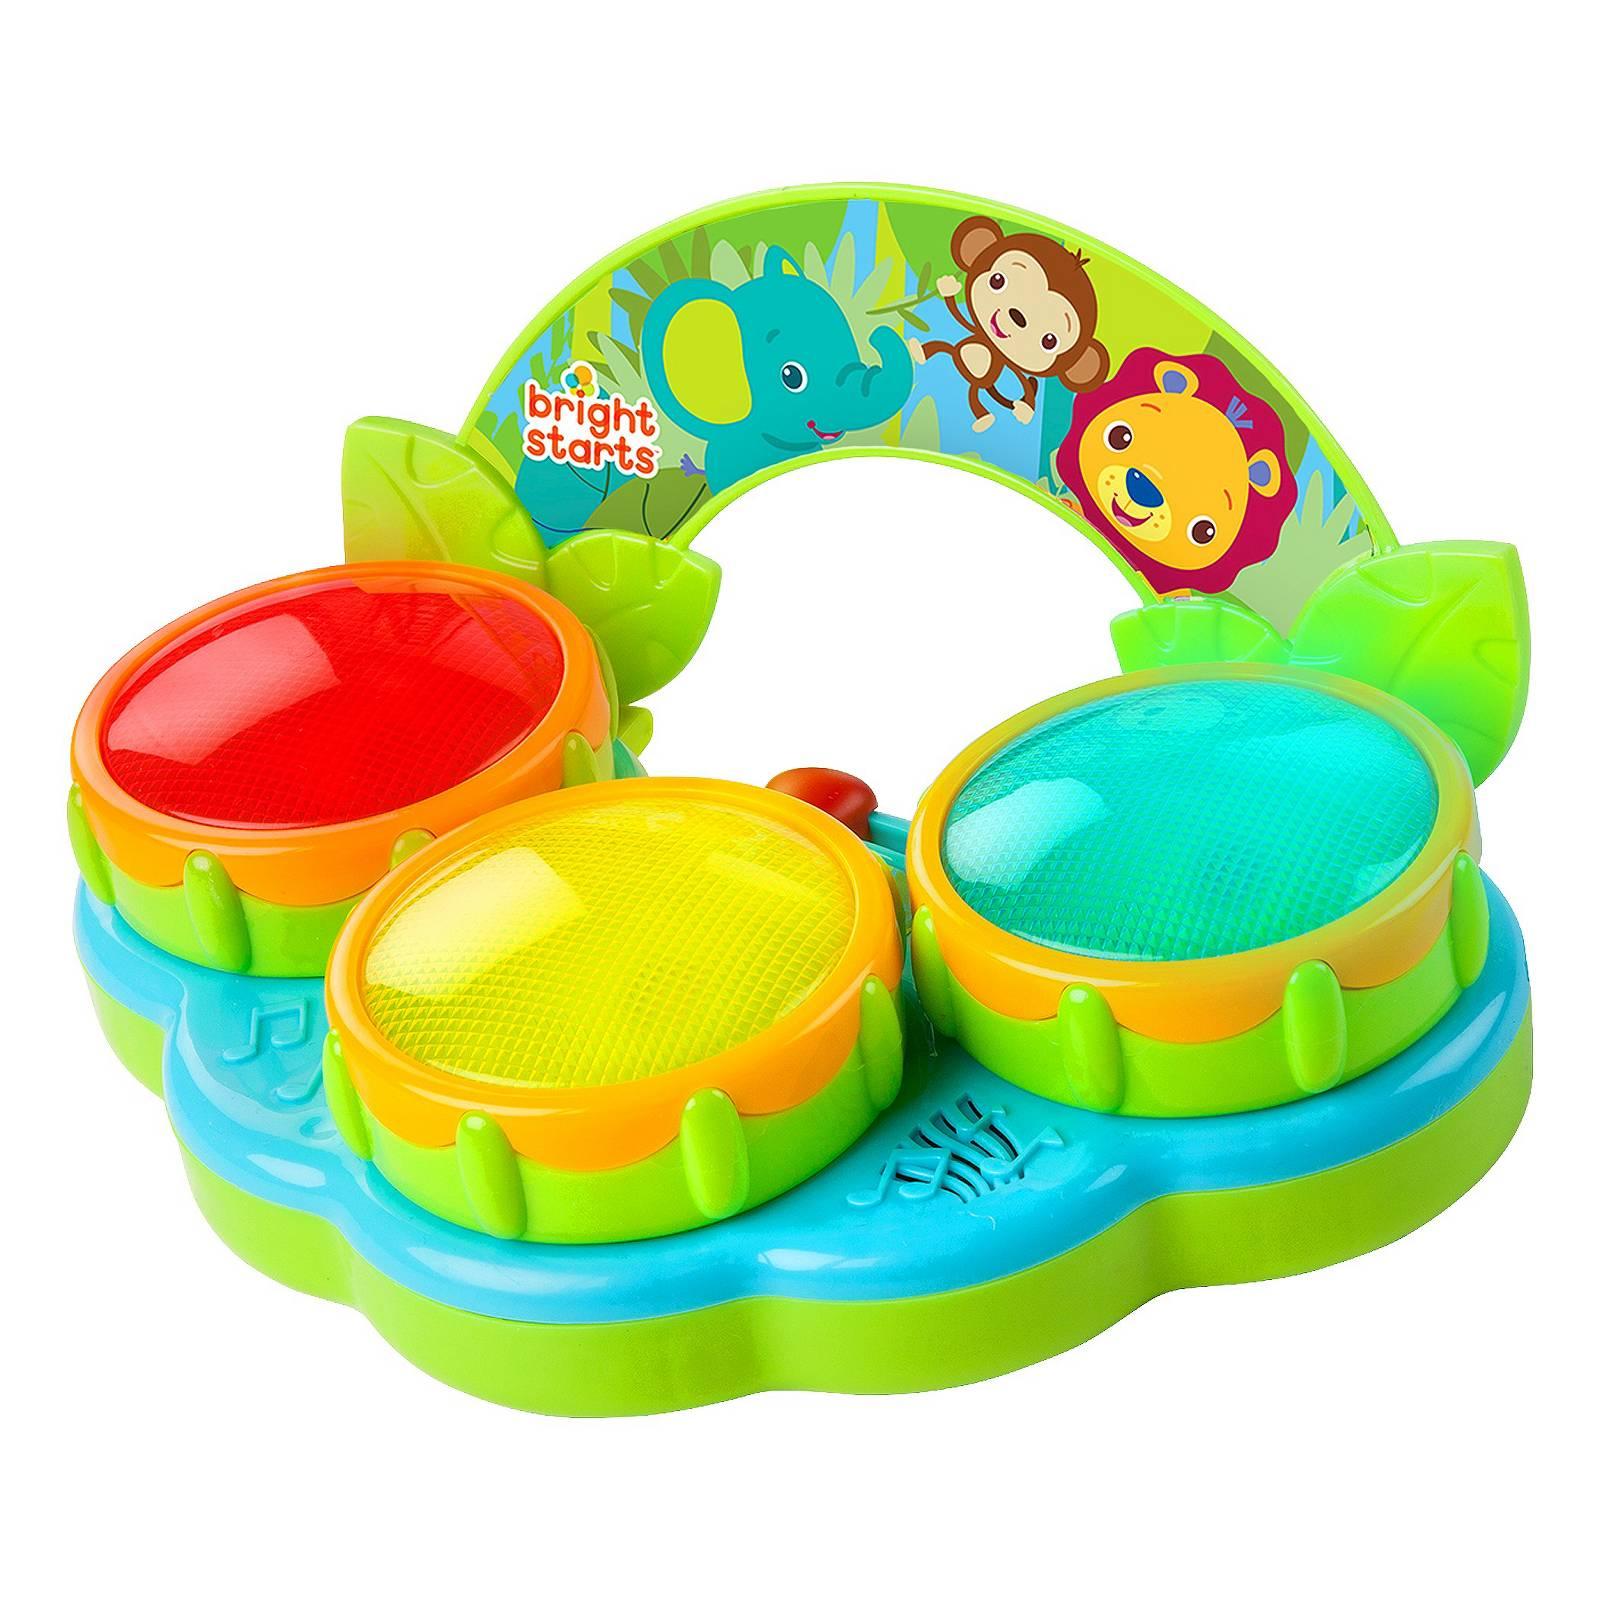 Купить Музыкальная игрушка - Барабаны Сафари, Bright Starts